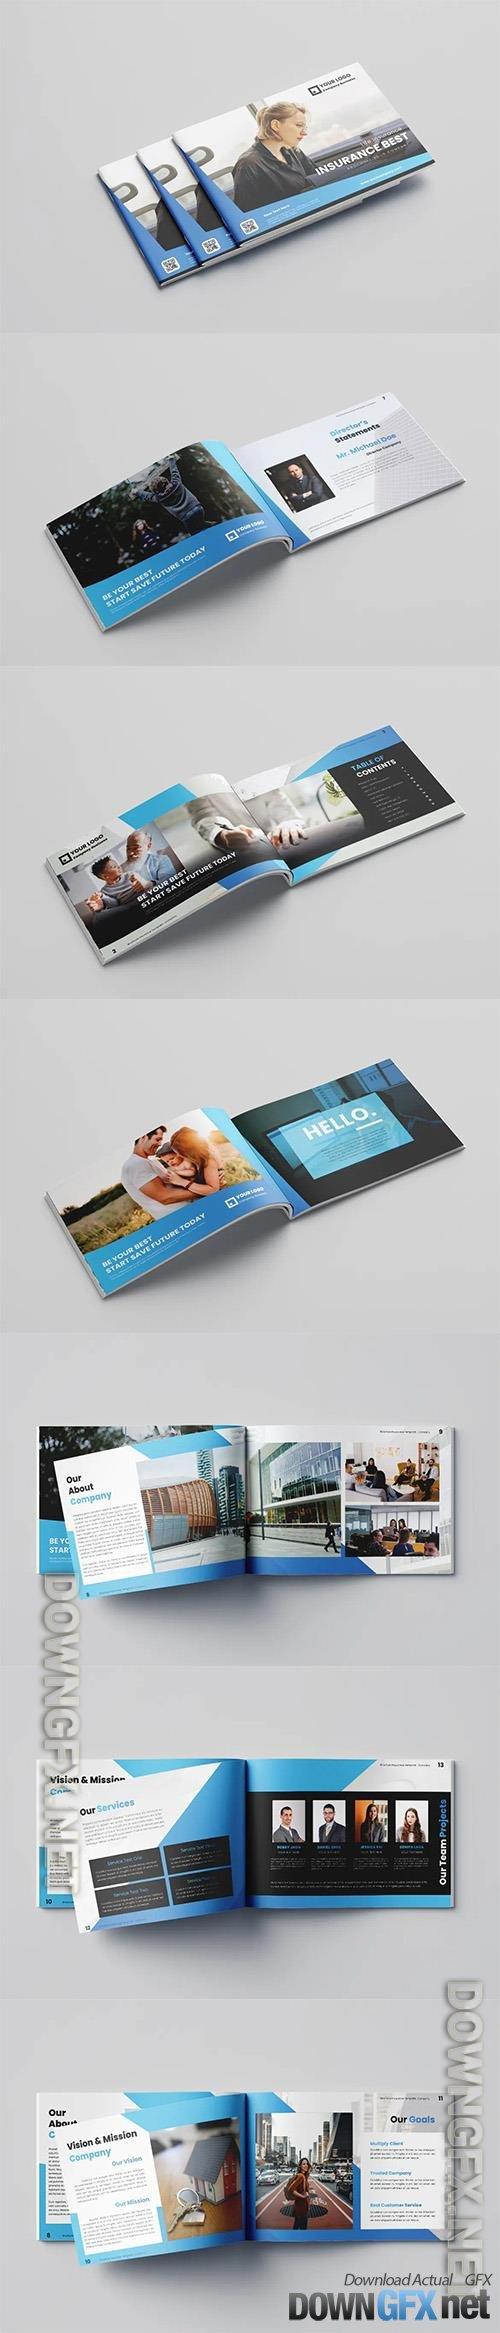 Life Insurance Brochure Vol.1